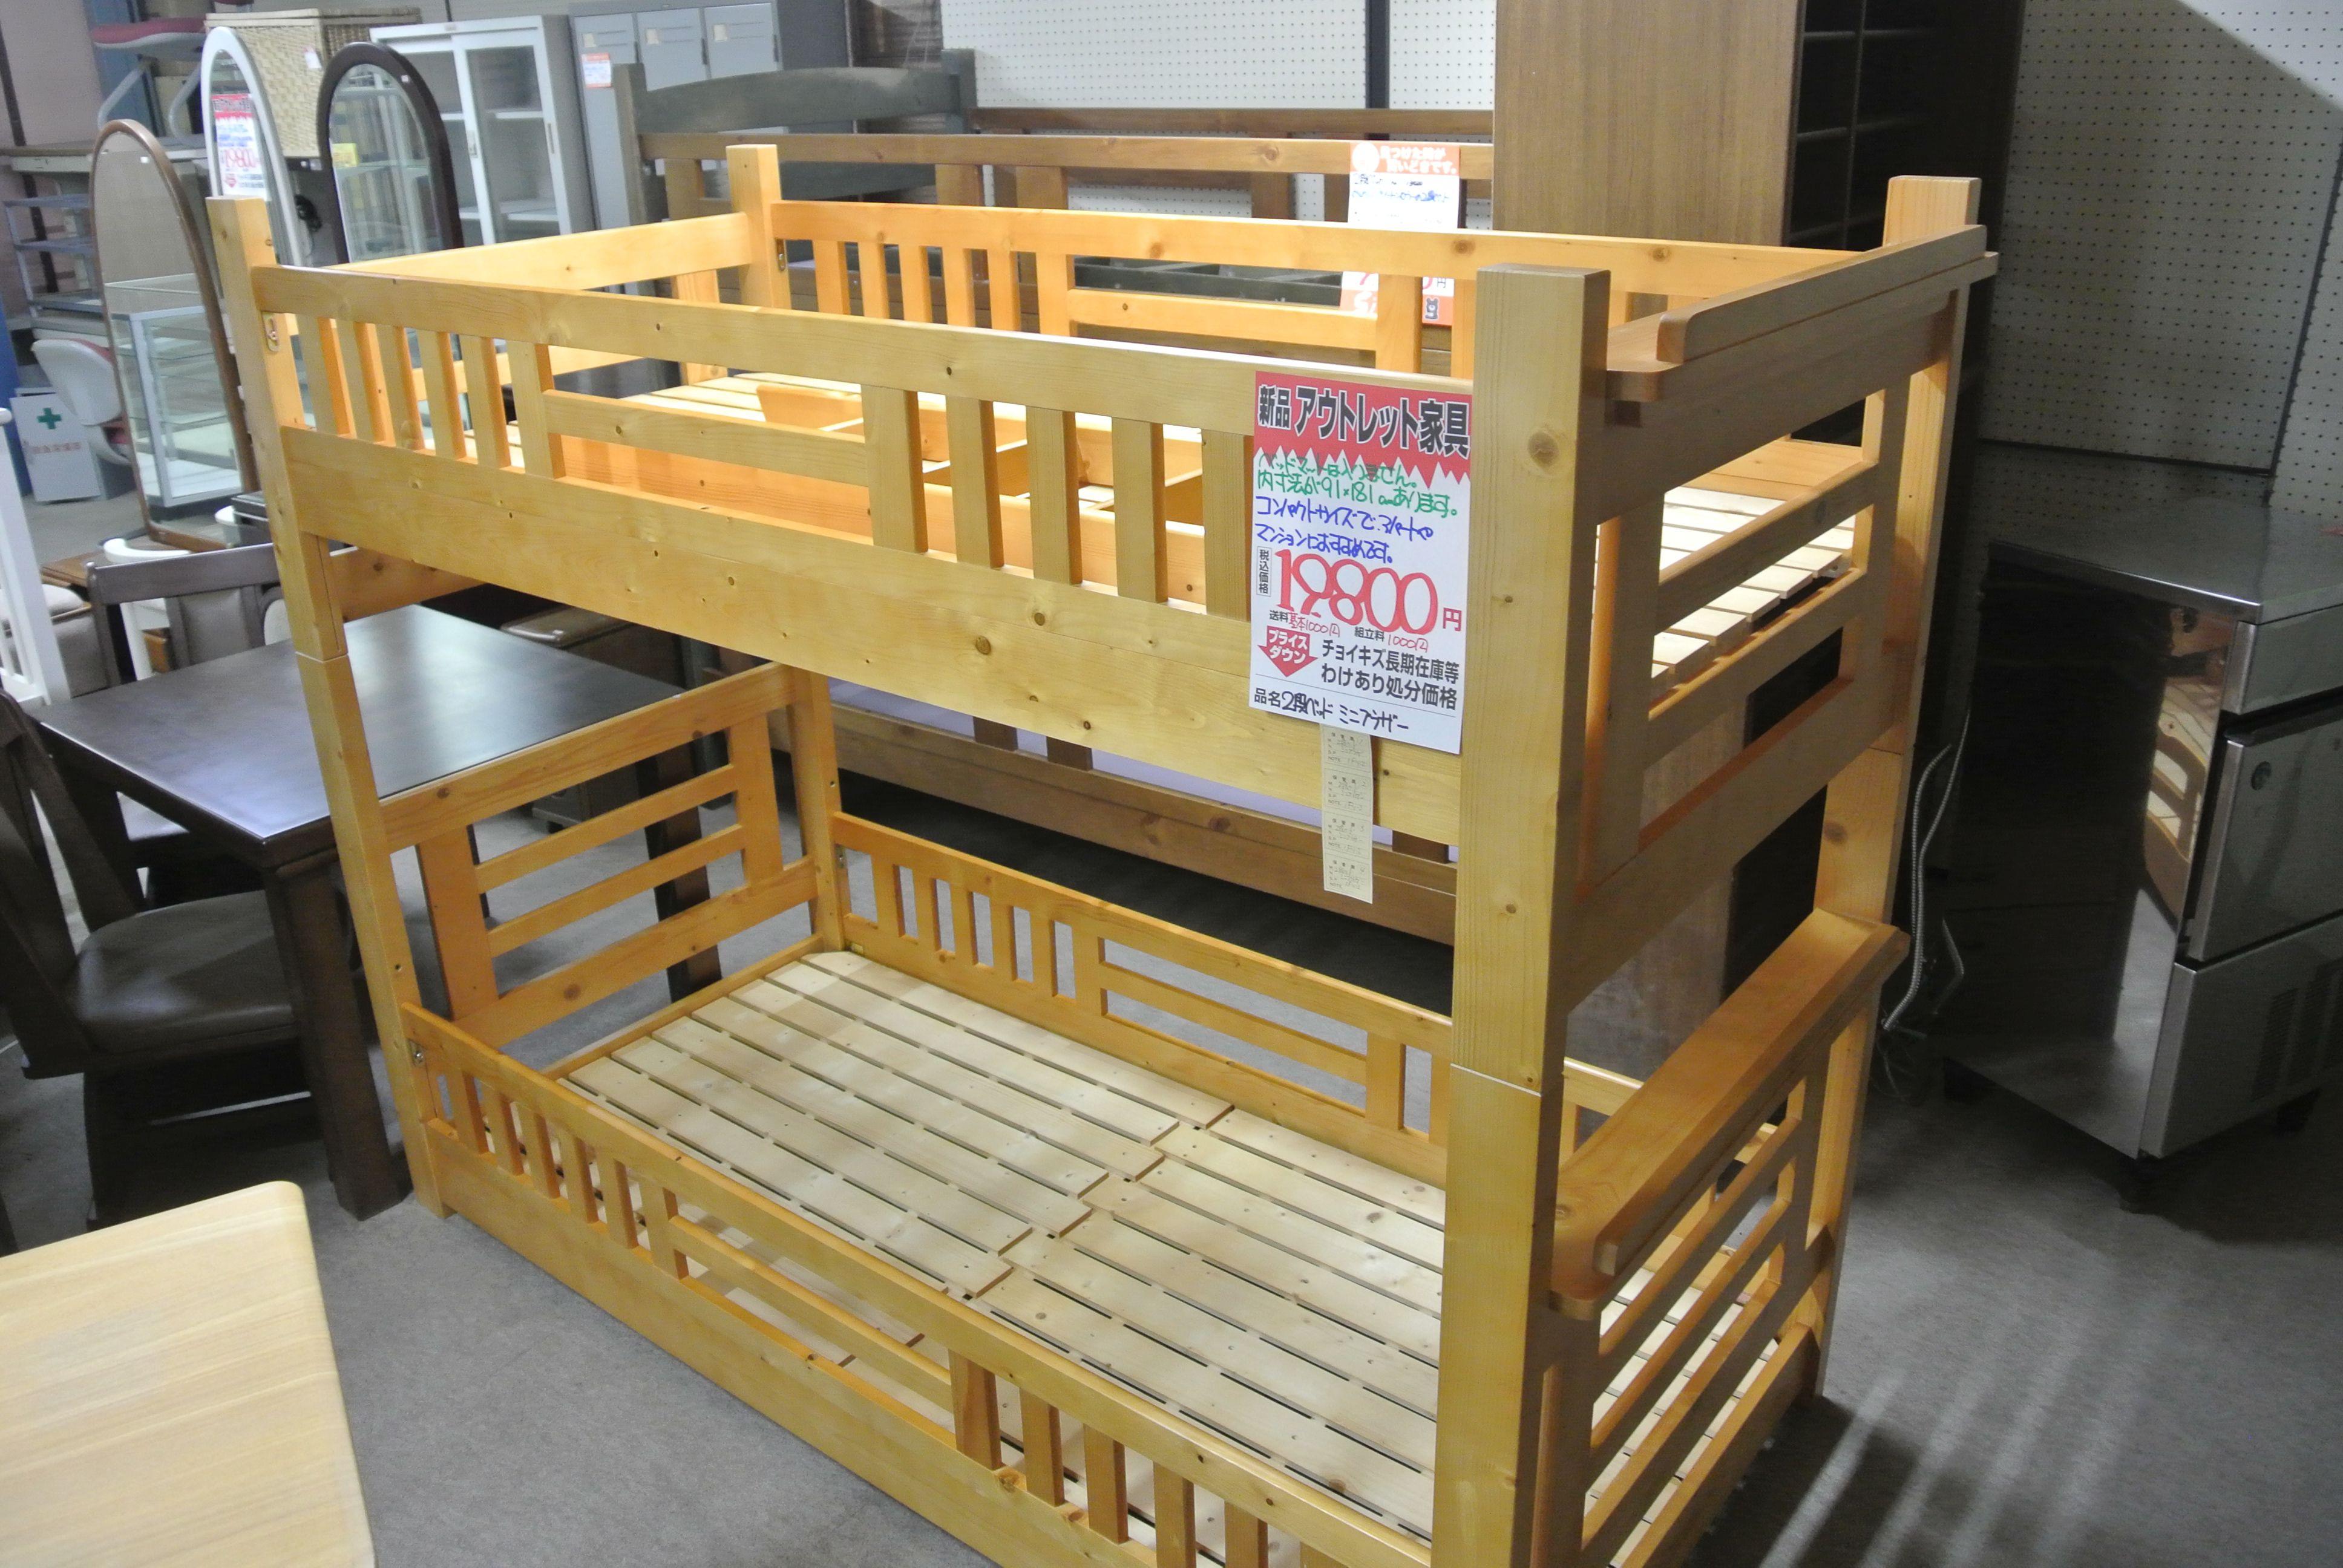 新品2段ベッドのご紹介【鶴岡市 リサイクルショップ】   リサイクル